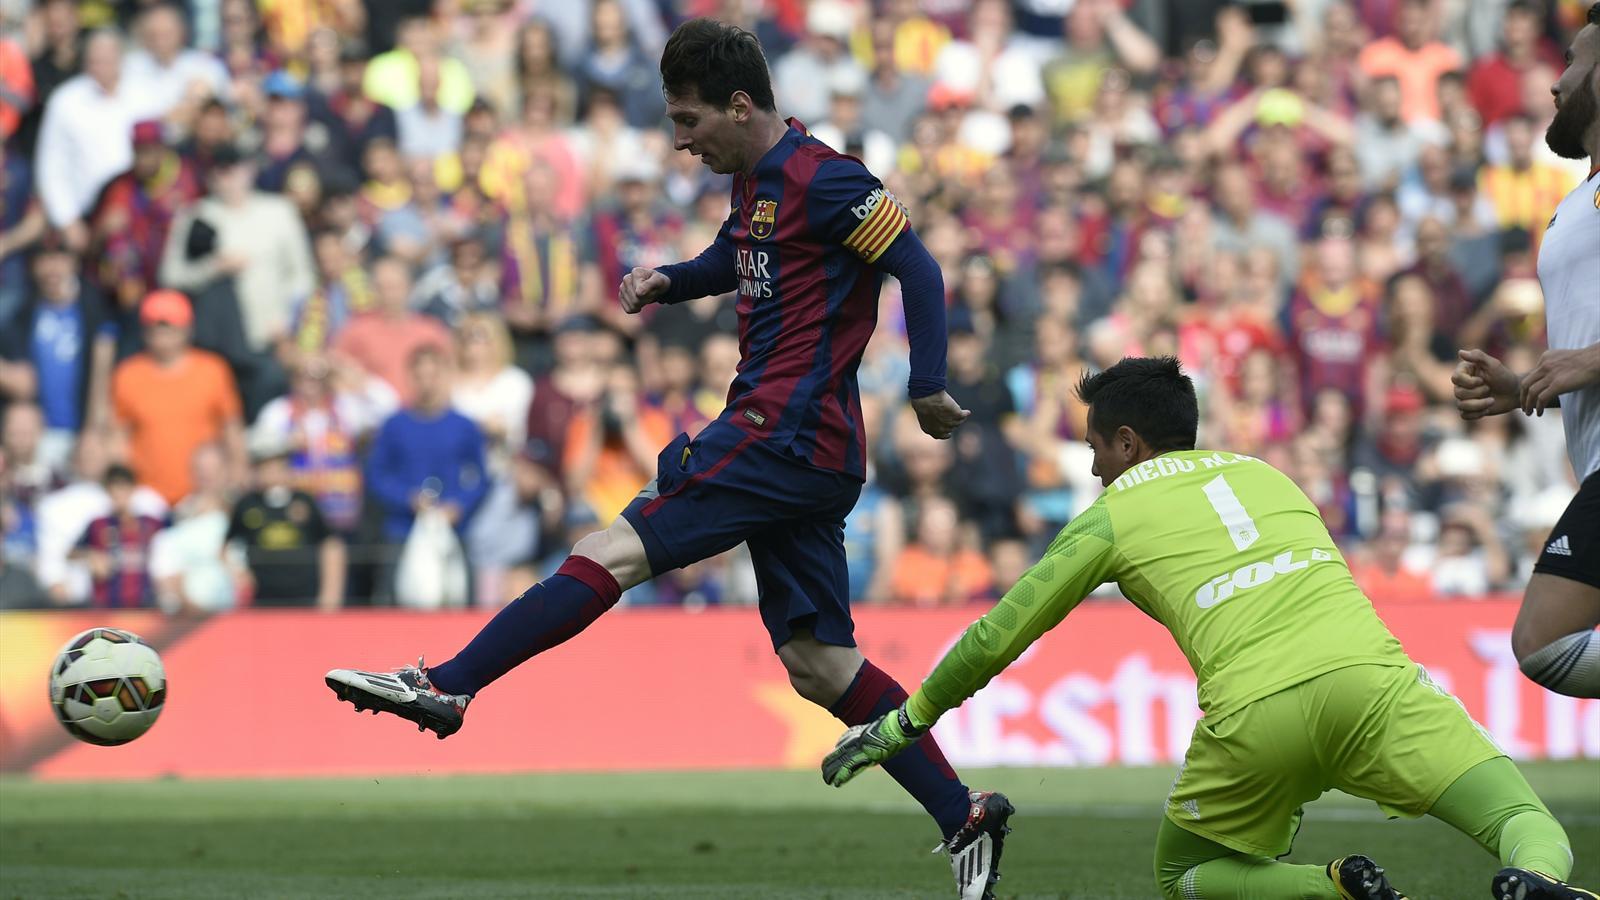 Spécial Messi et FCBarcelone (Part 2) - Page 11 1459953-31196036-1600-900